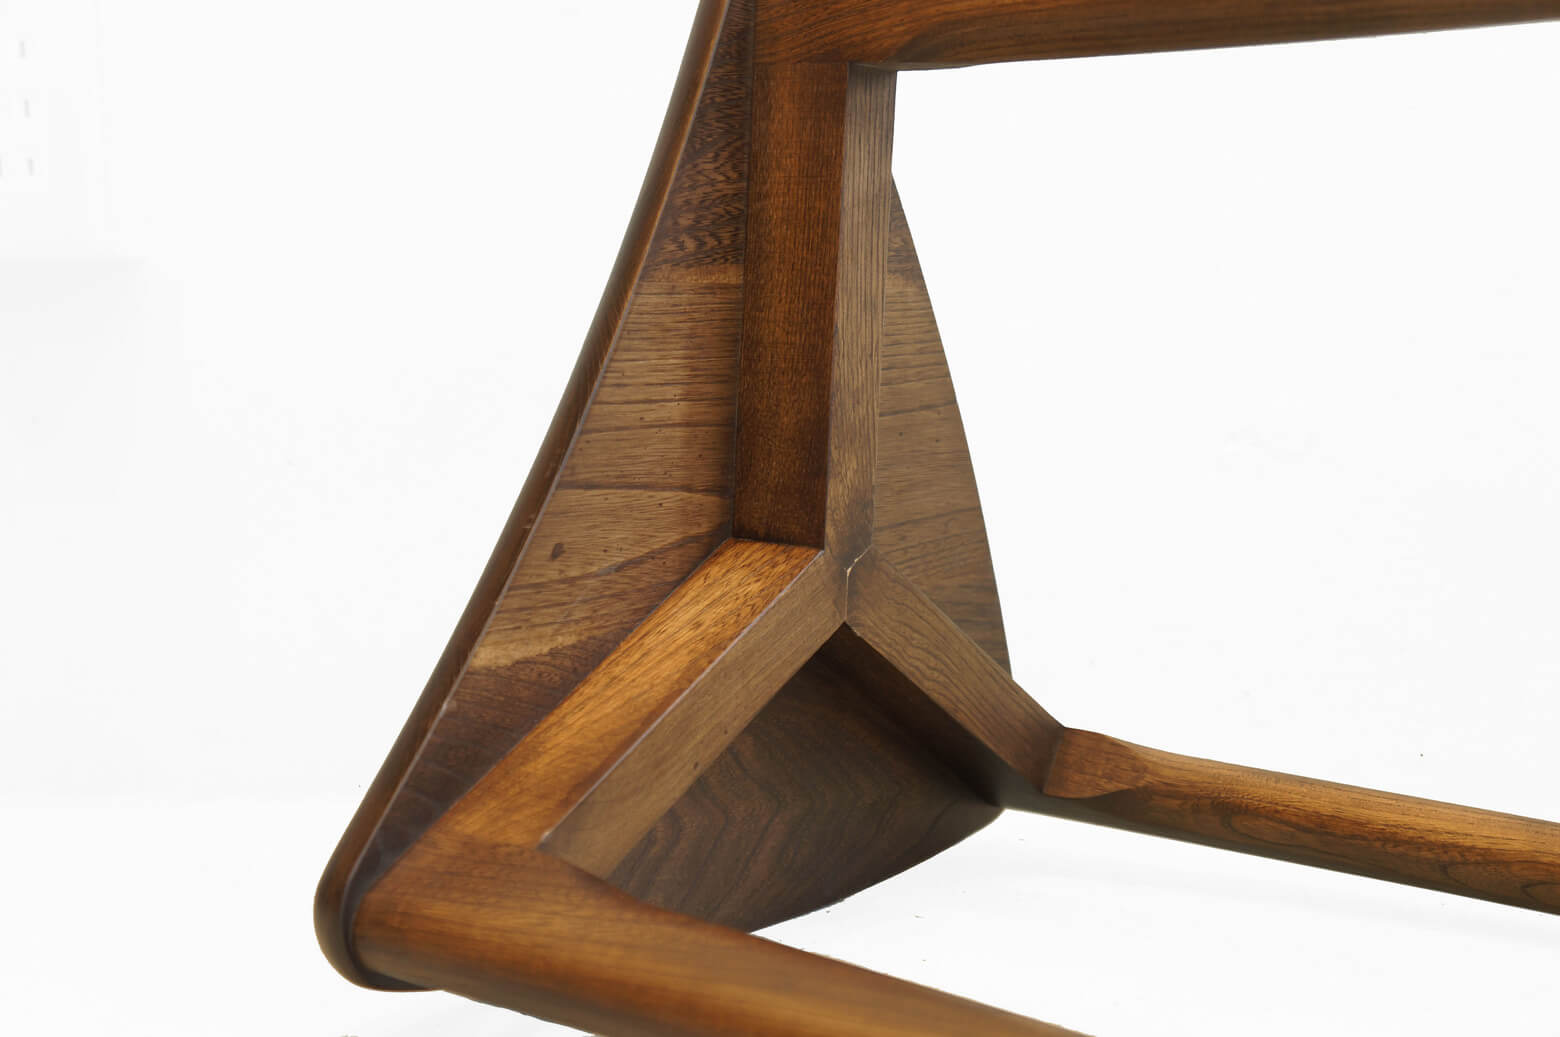 Kukan Kobo Stacking Triangular Stool/空間工房 スタッキング三角スツール 2